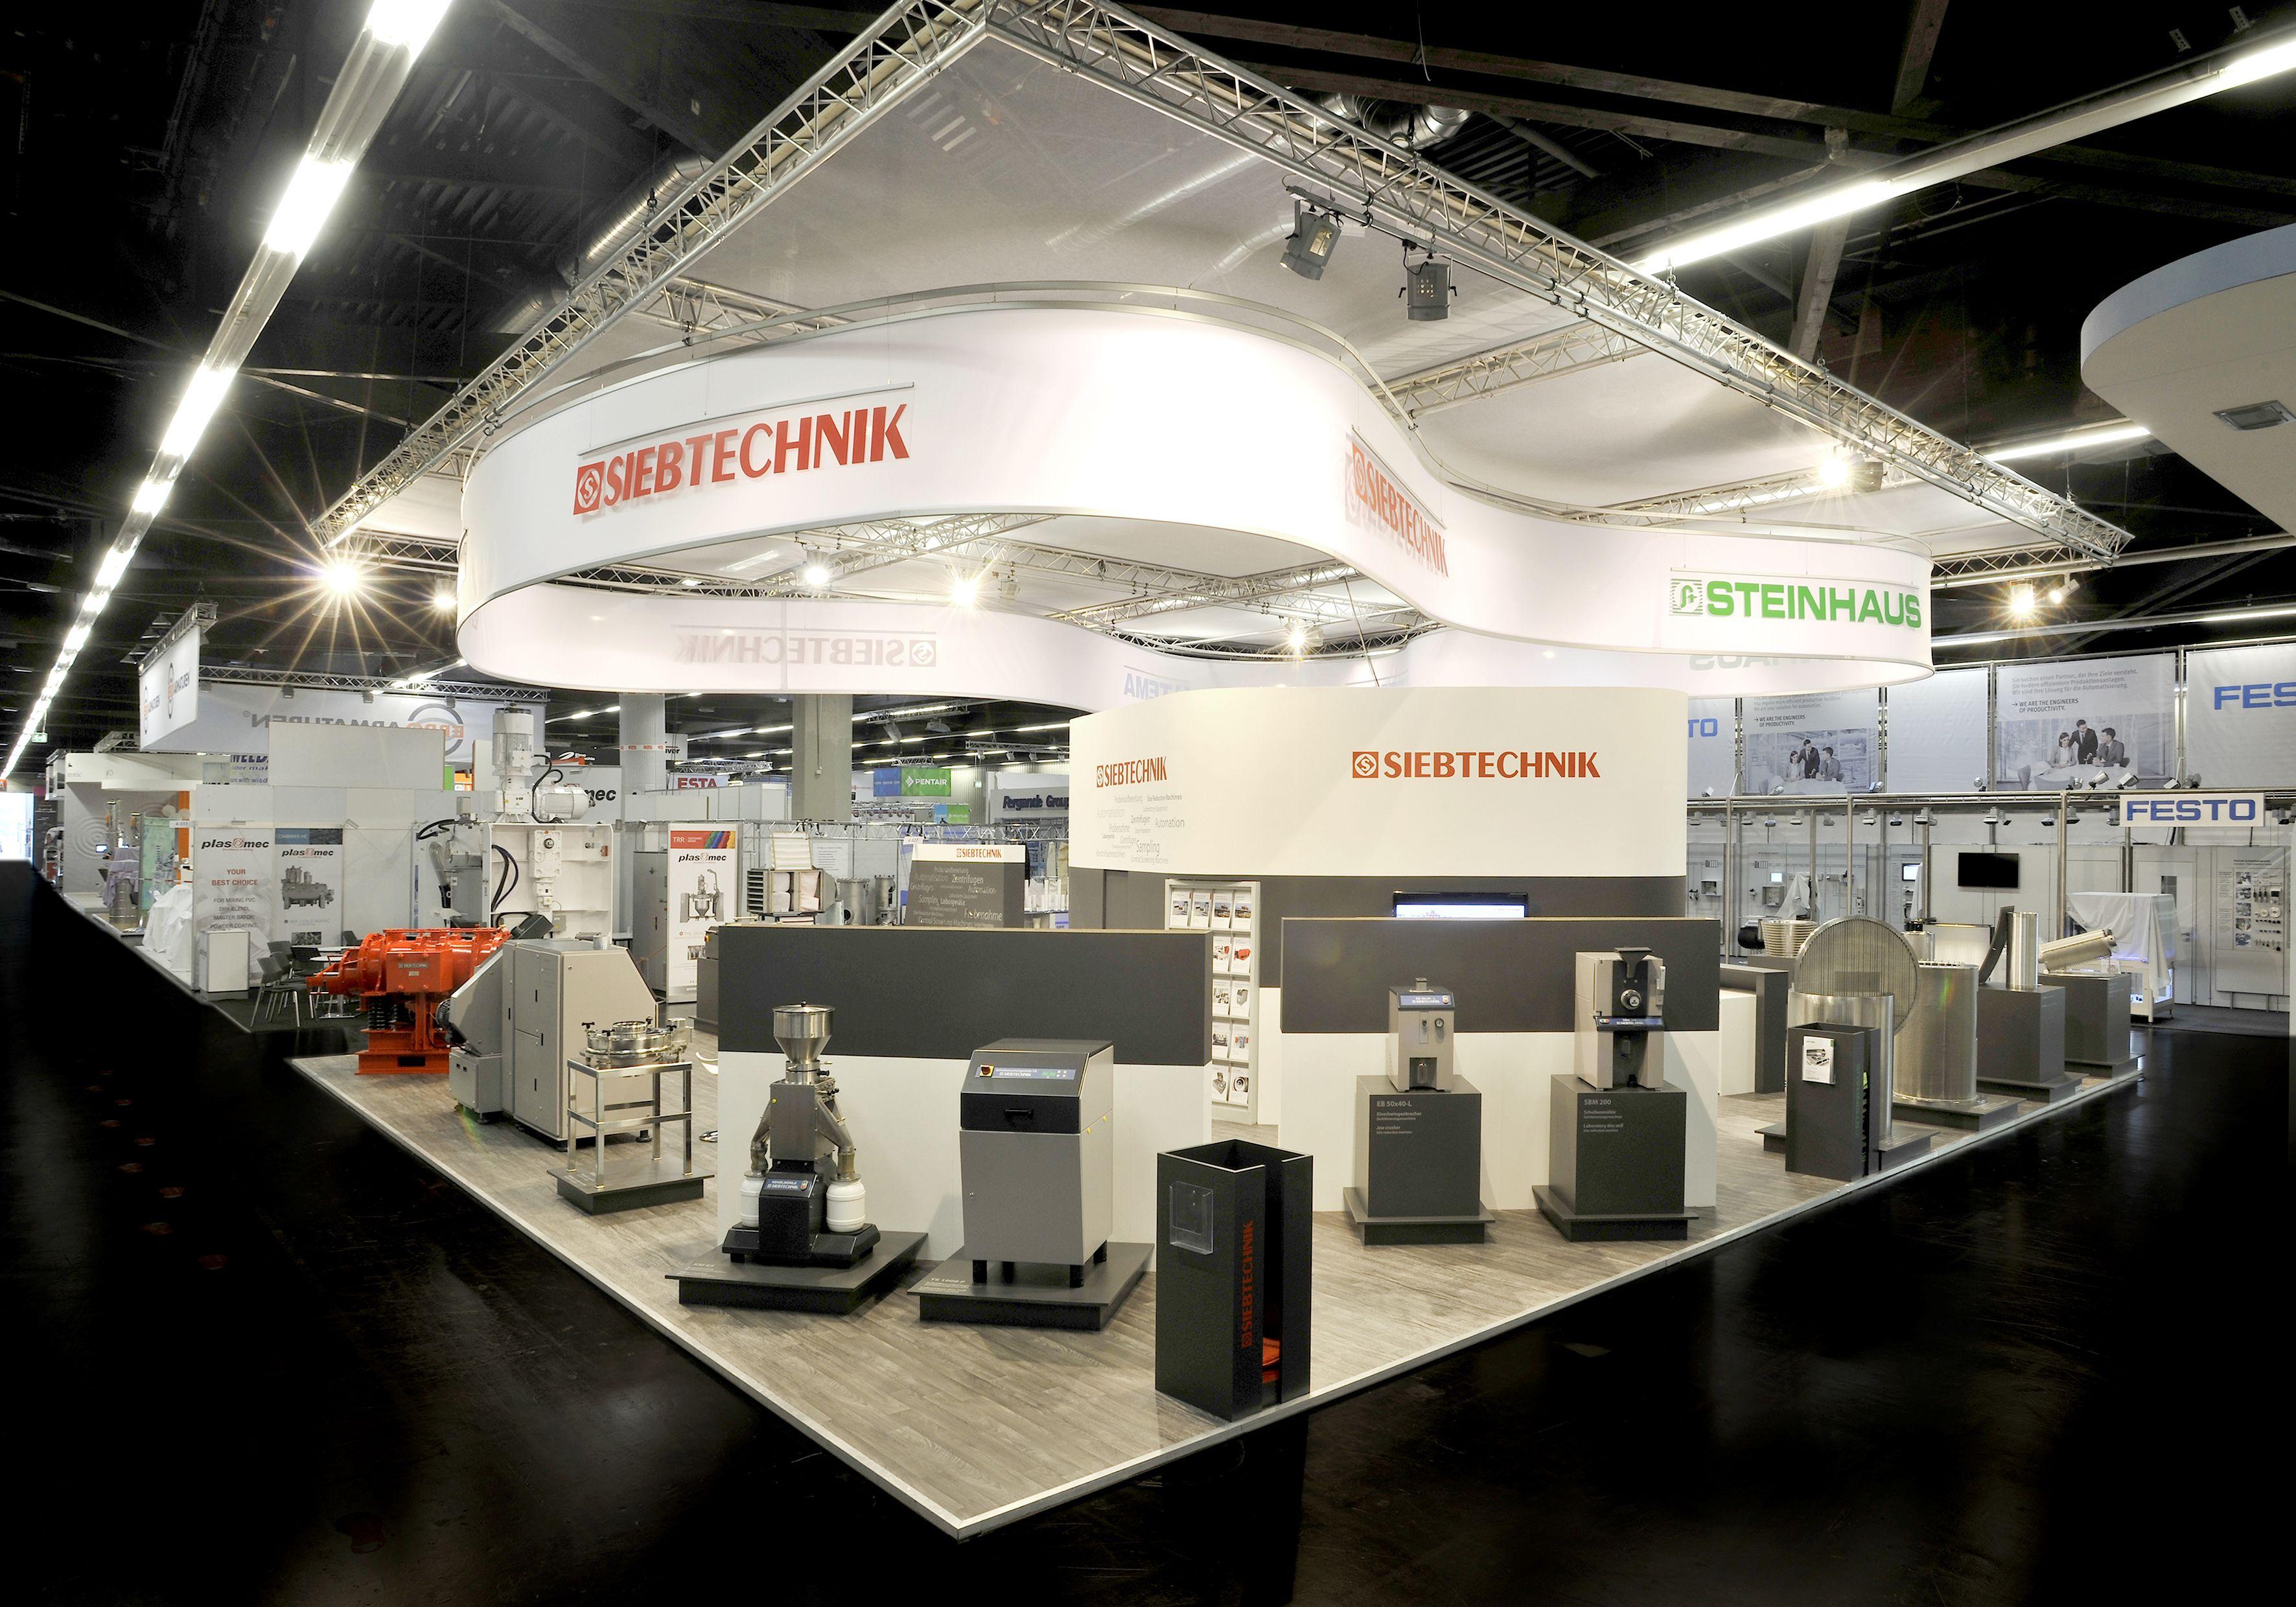 Siebtechnik GmbH, Steinhaus GmbH, Tema Process Referenzbeispiel zur Powtech, Nürnberg 182m²